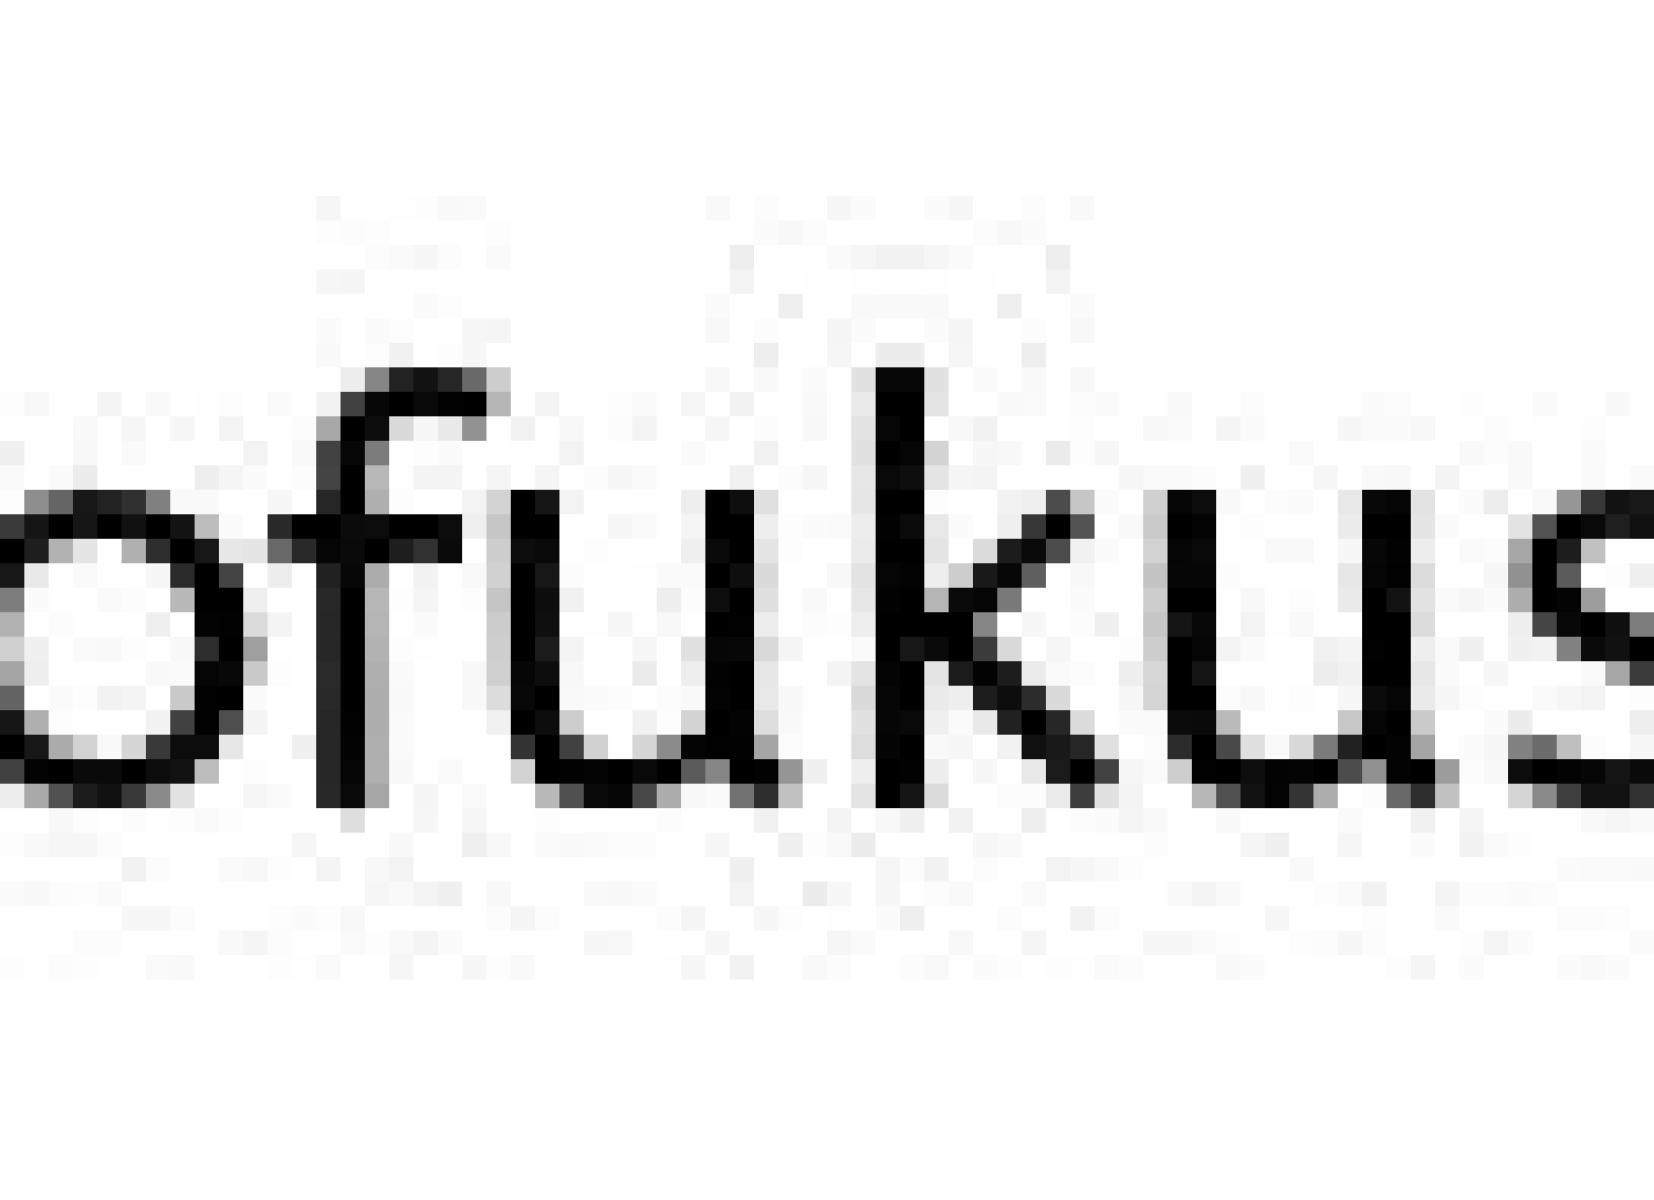 33 社会 解答 速報 回 士 福祉